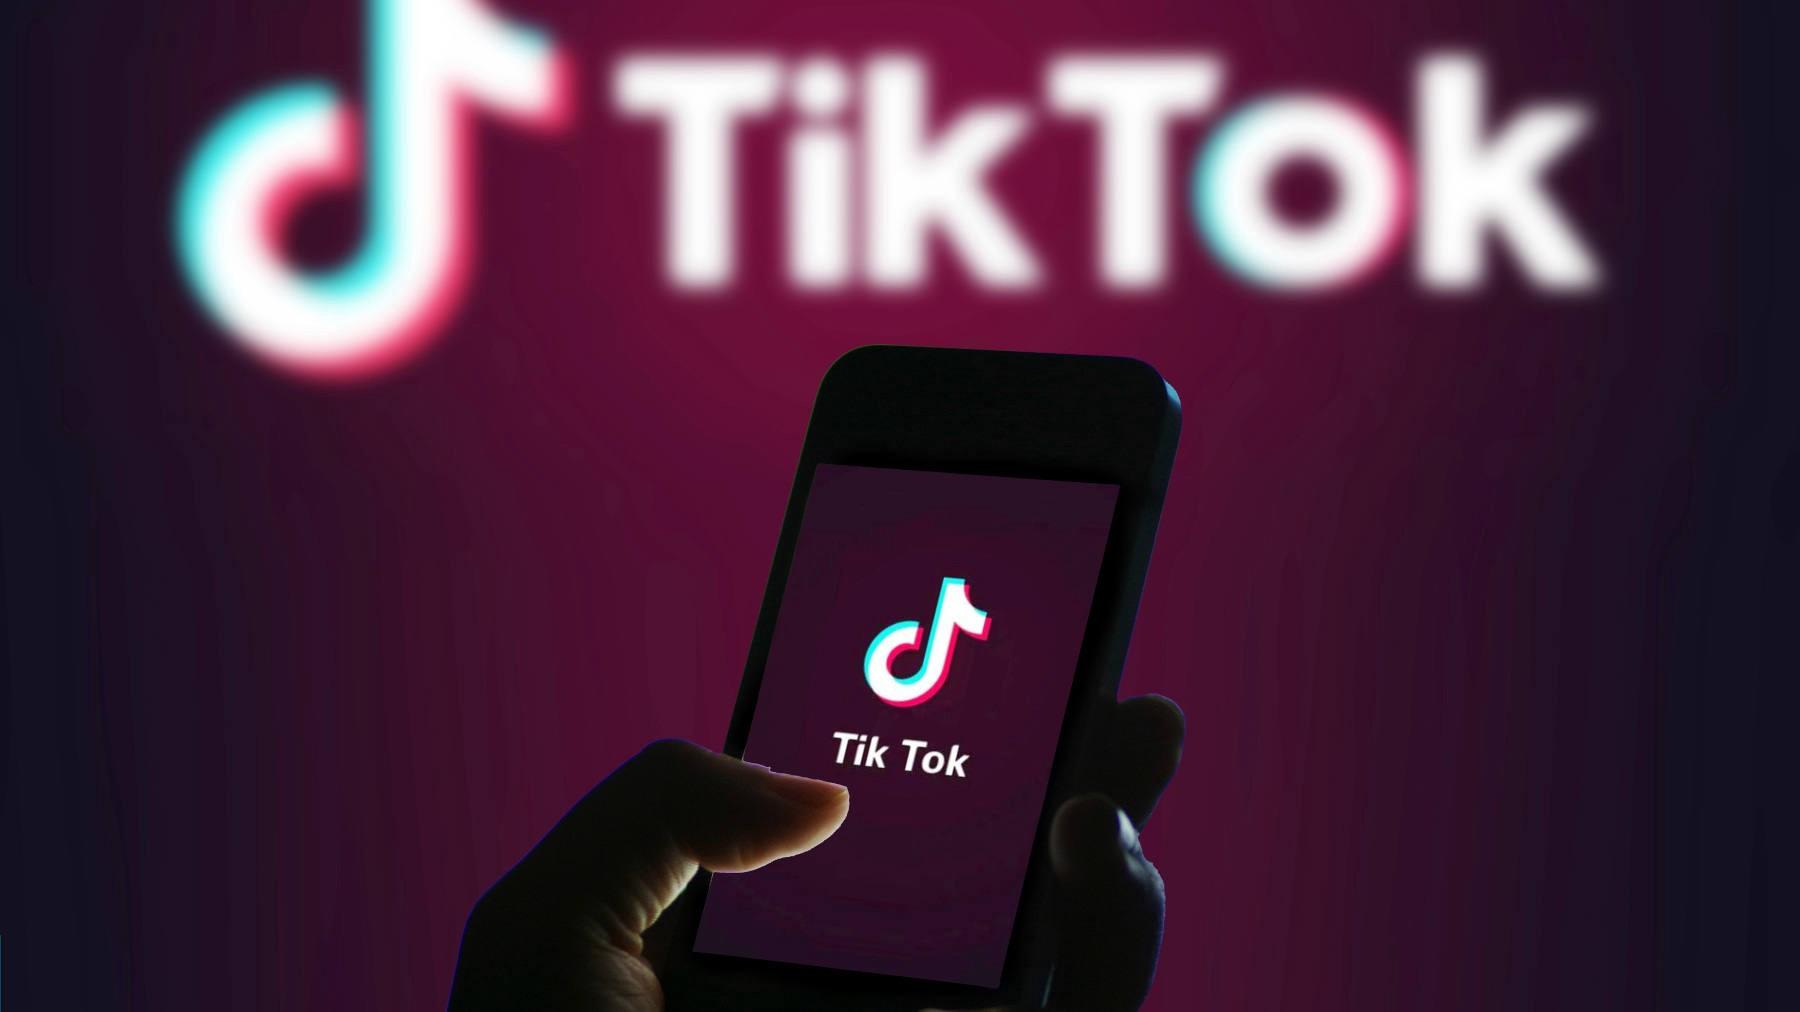 Исследователи Check Point Research нашли в приложении TikTok много уязвимостей - 1